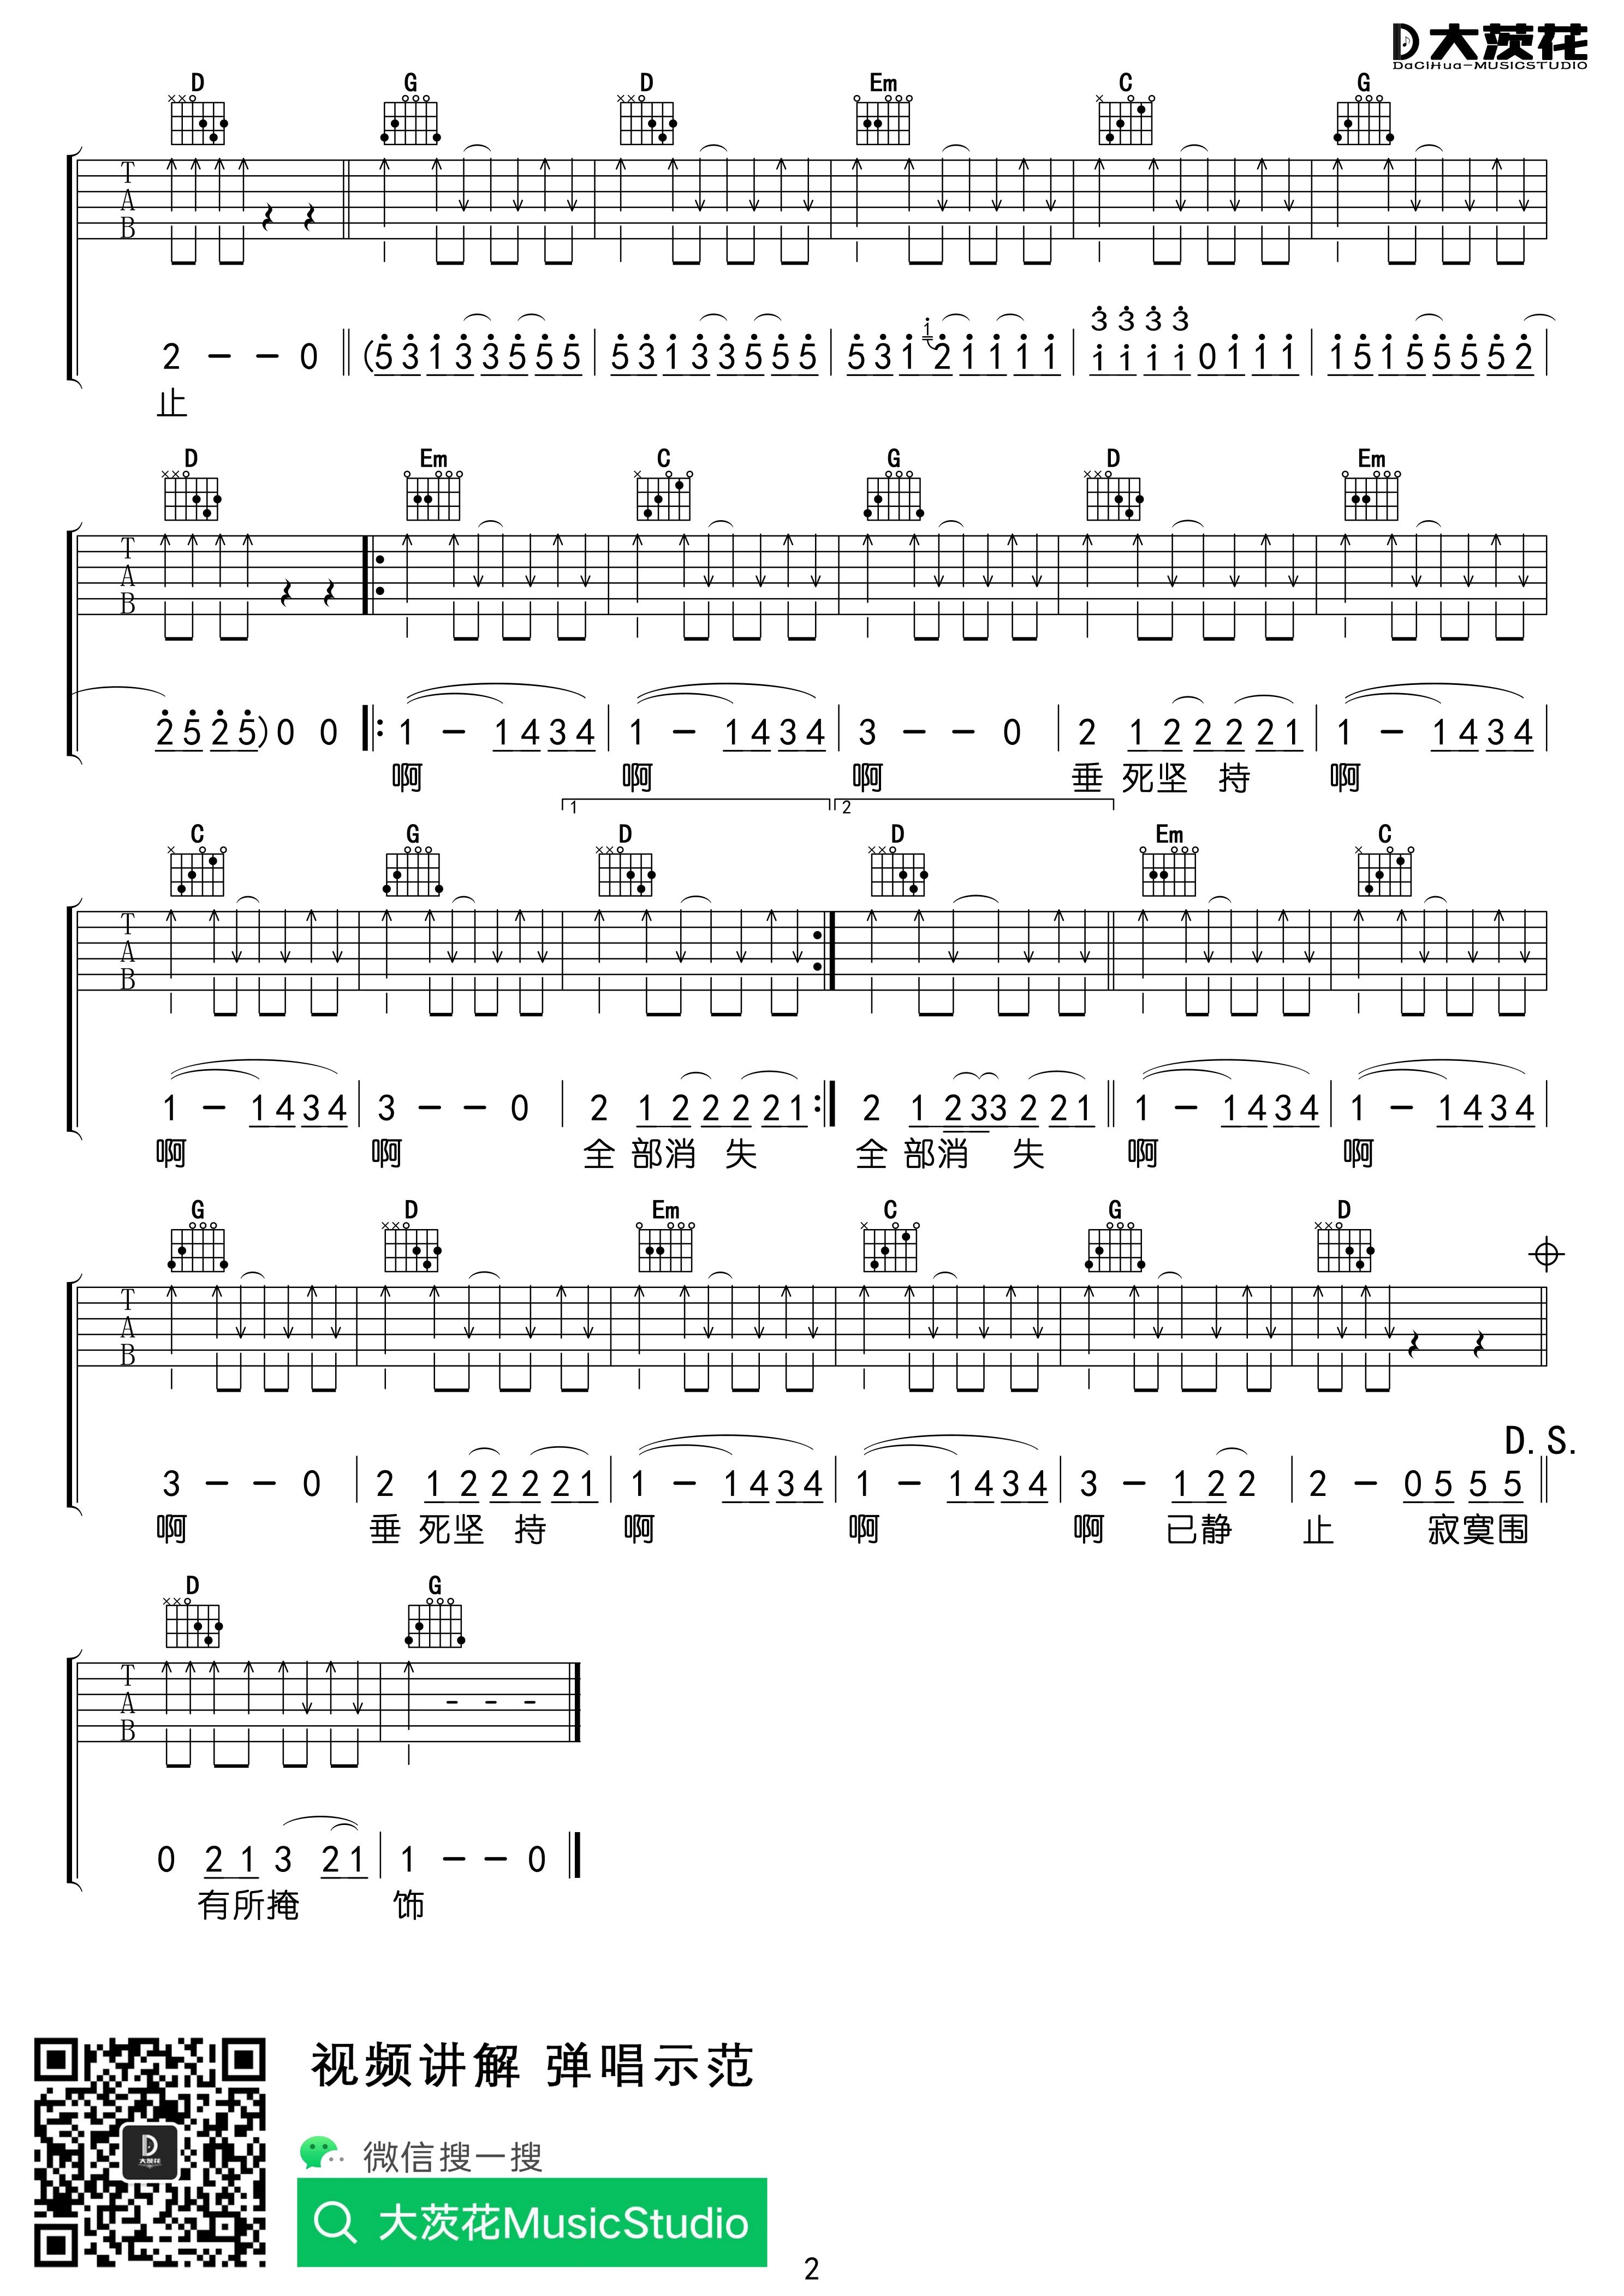 静止(G+C)吉他谱(图片谱)_花儿(花儿乐队)_DCH 静止 G调男版02.jpg